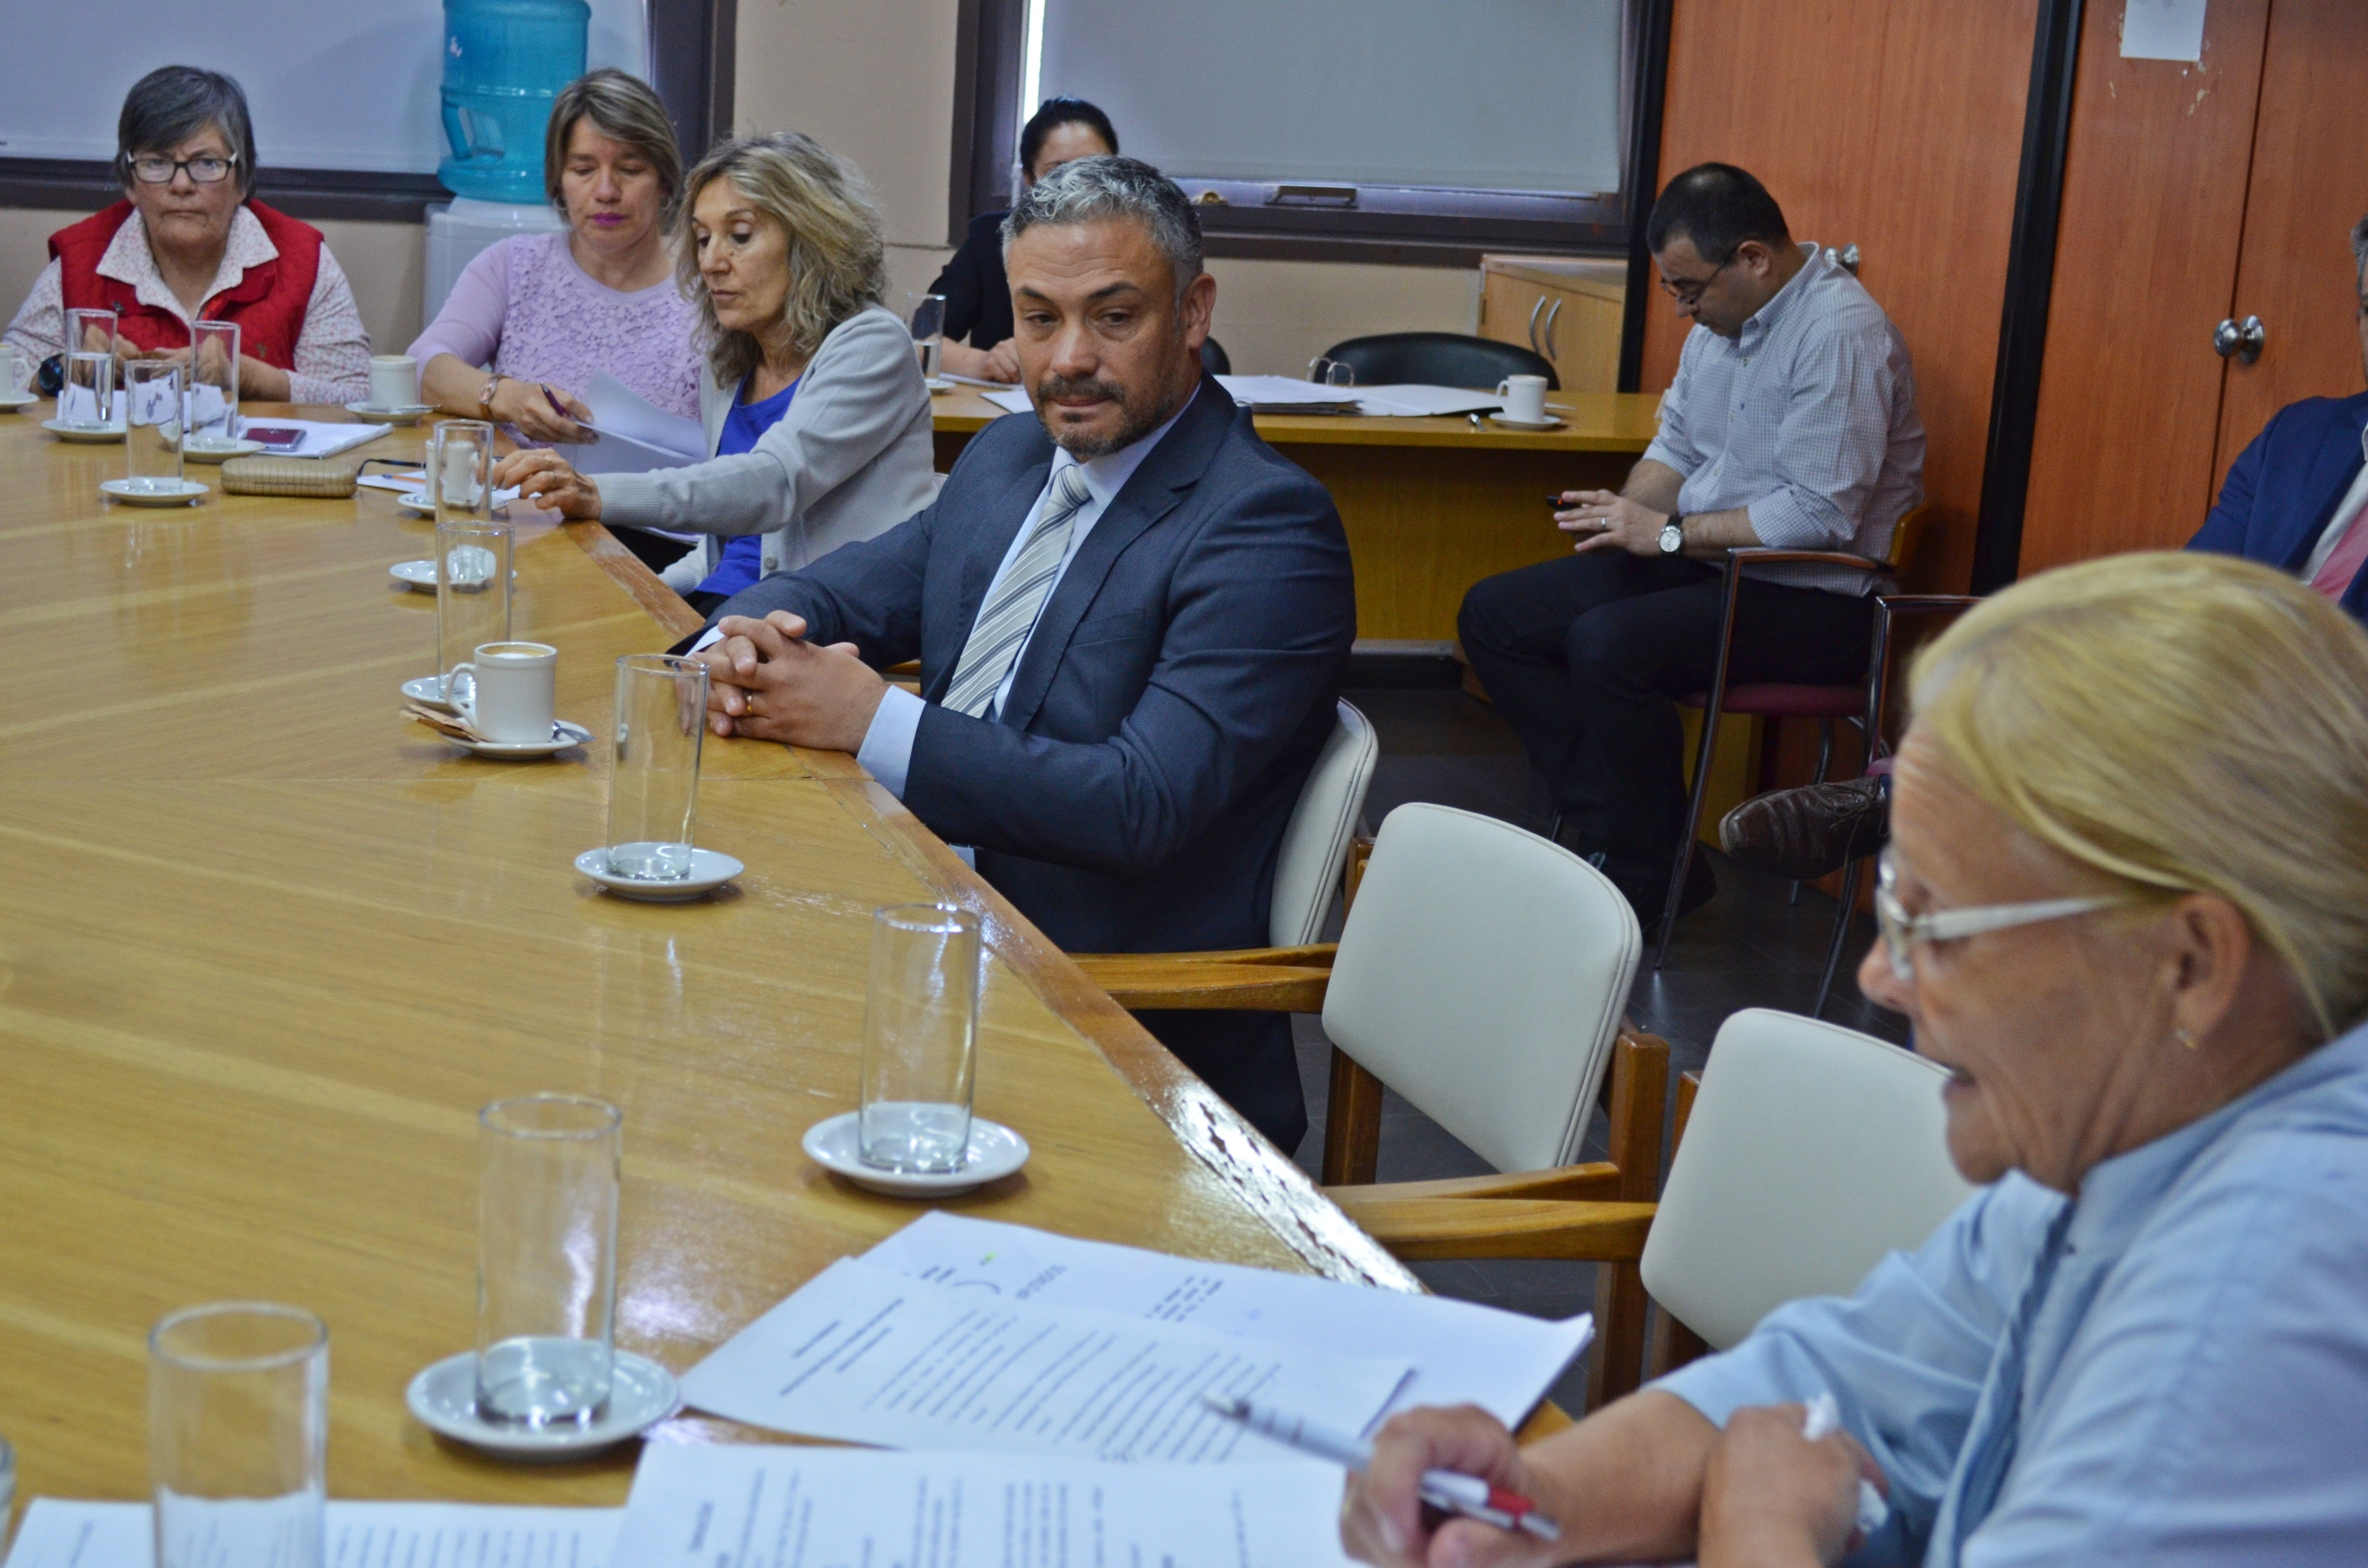 Guillermo Komarofky y Juan Ignacio Pellegrino fueron consagrados fiscales de General Pico